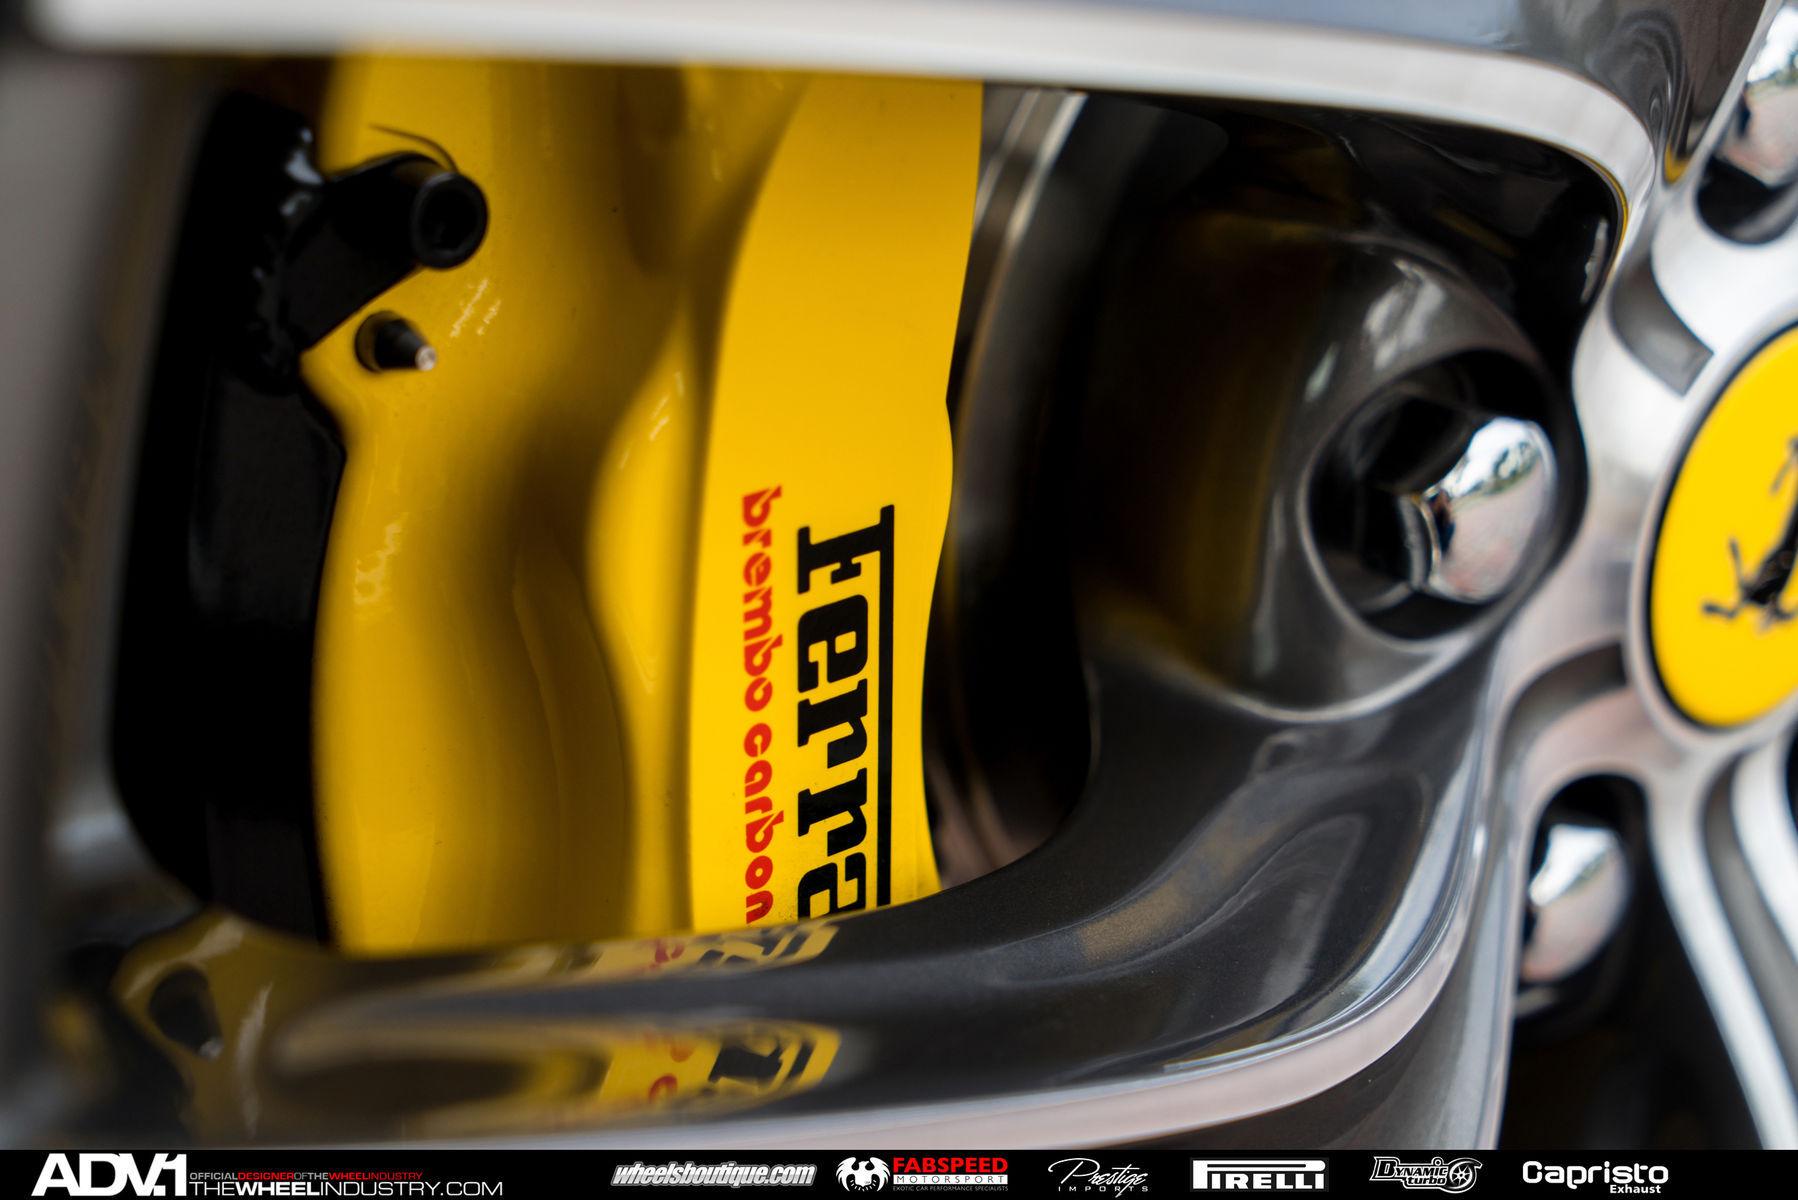 Ferrari F12 Berlinetta | Ferrari F12